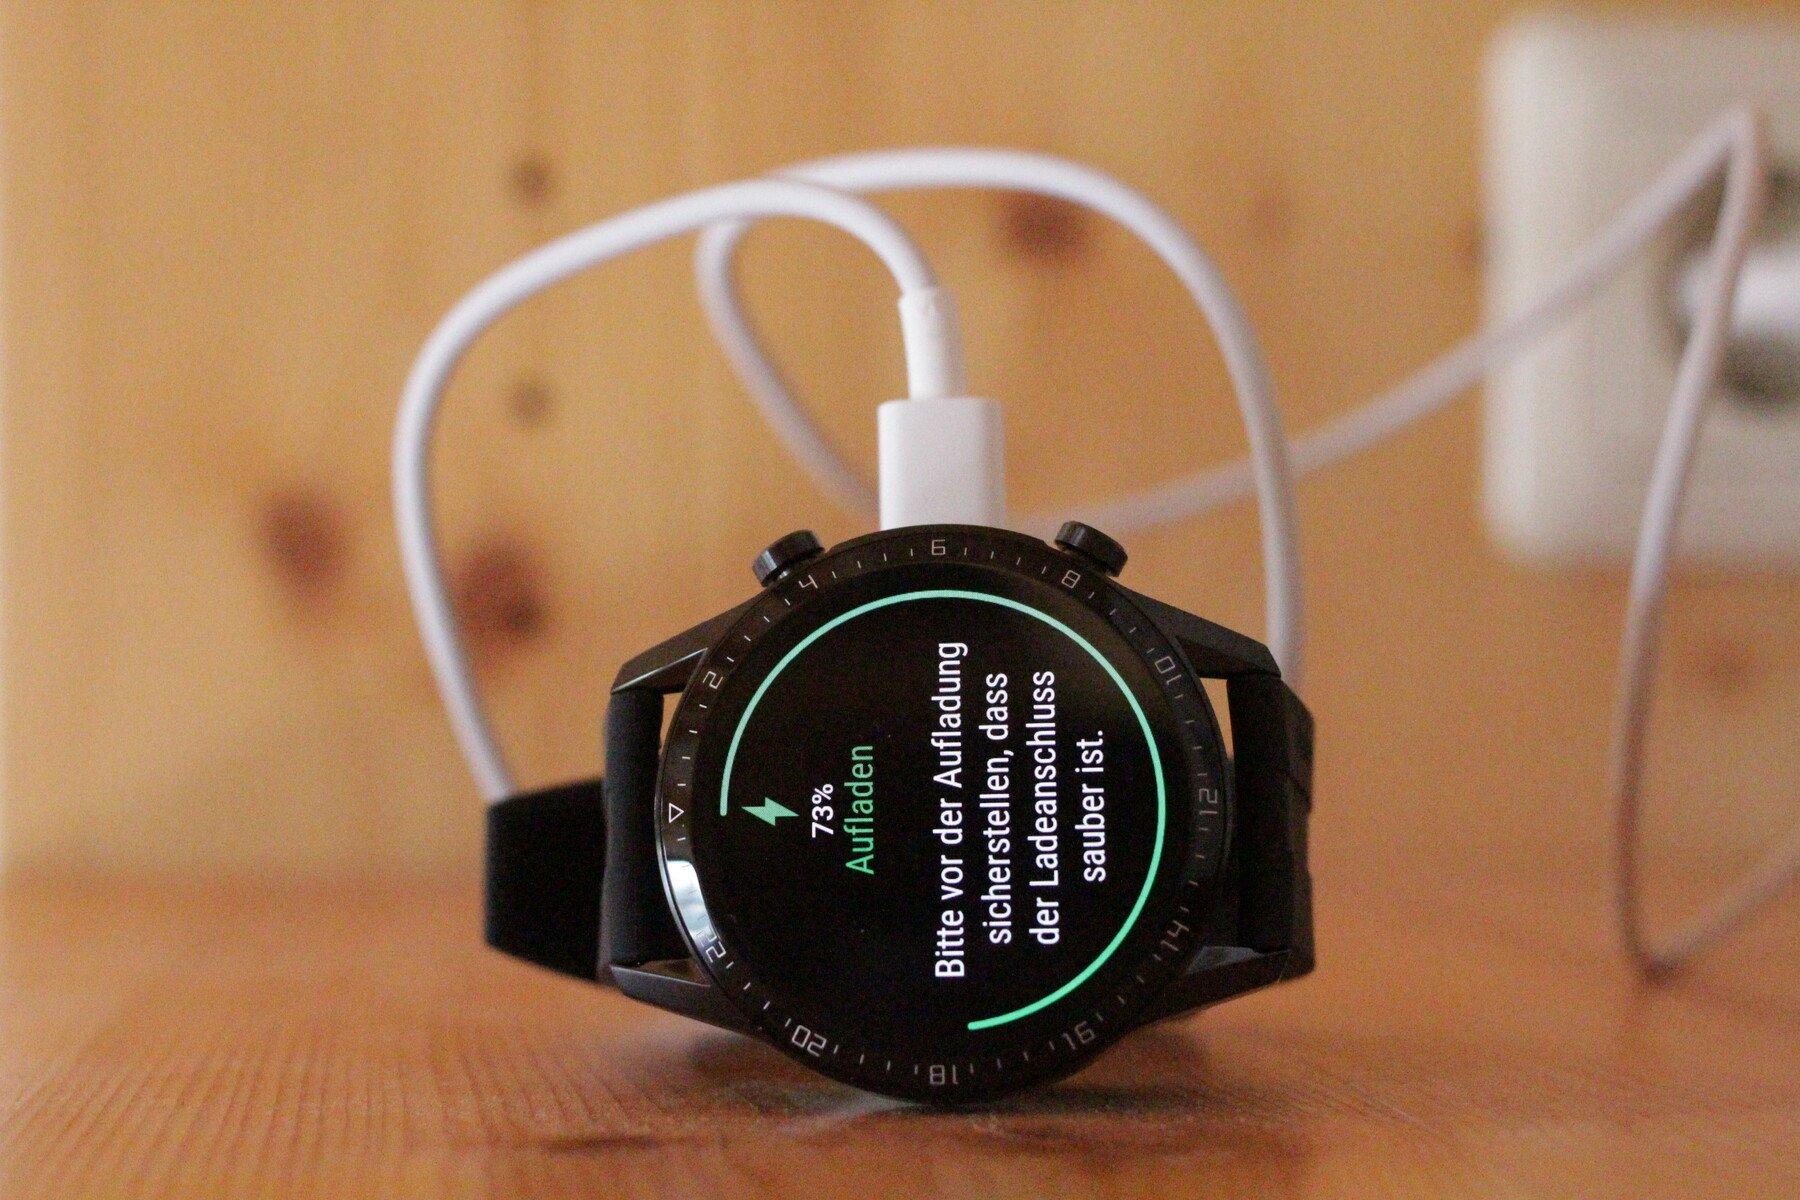 Обзор смарт-часов Huawei Watch GT2 - смарт-часы на зарядке